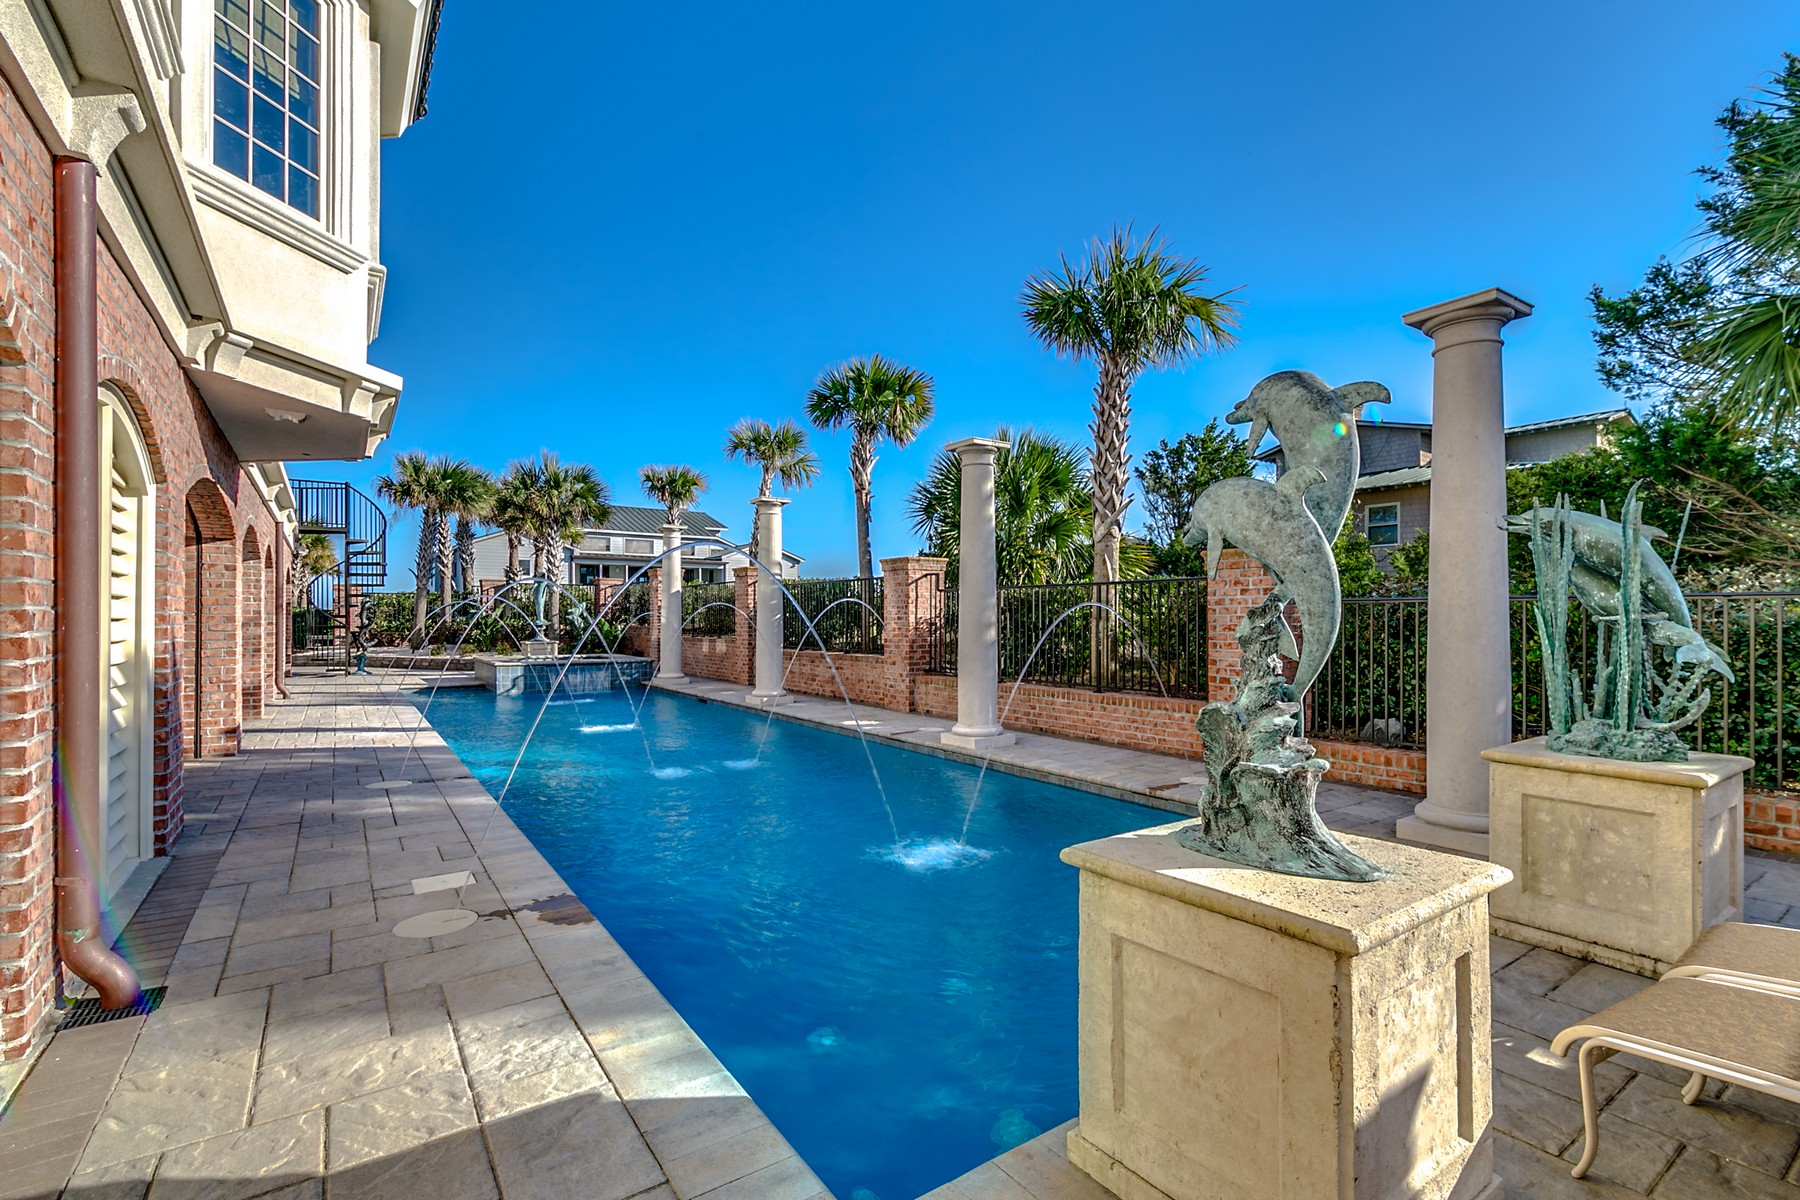 Additional photo for property listing at 223 Pioneer Loop 223 Pioneer Loop 乔治城, 南卡罗来纳州 29440 美国